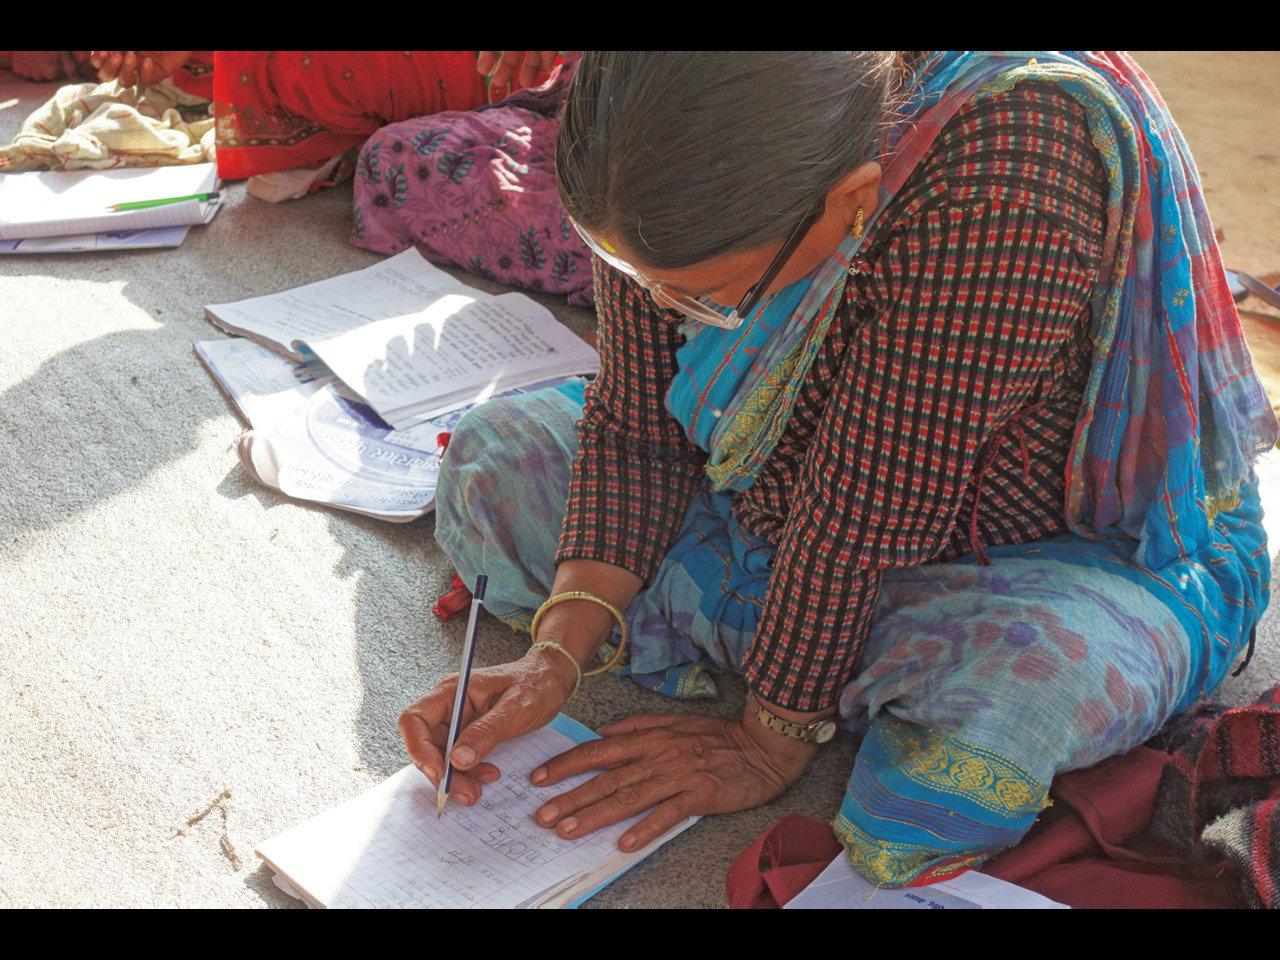 教育の機会をつくり、貧困のサイクルを断ち切るために。ネパールで「寺子屋」運動を進めています。